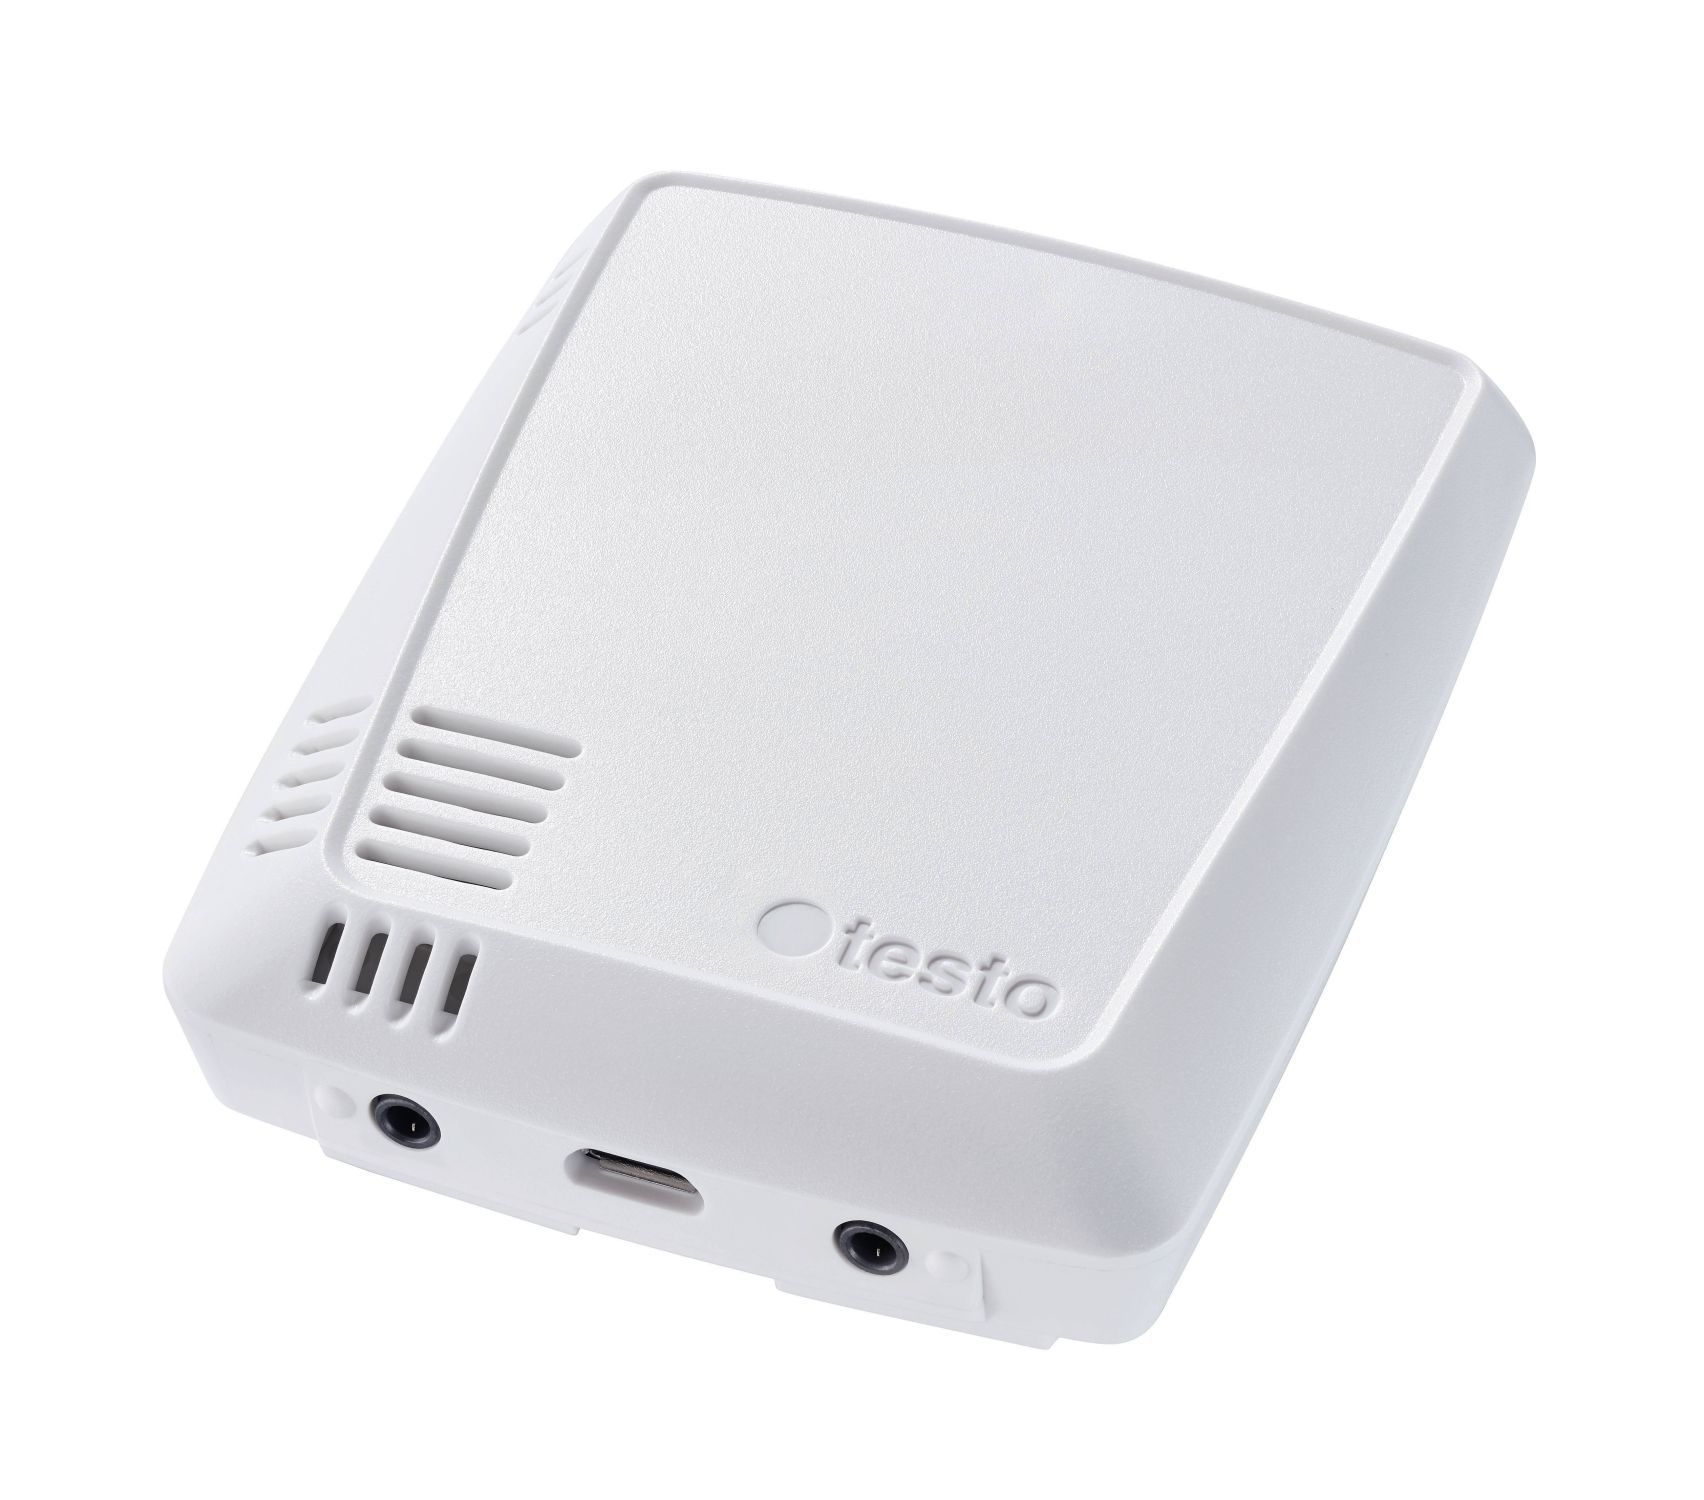 160 THE - Data logger WiFi com sensor de temperatura e umidade integrado 0572 2023